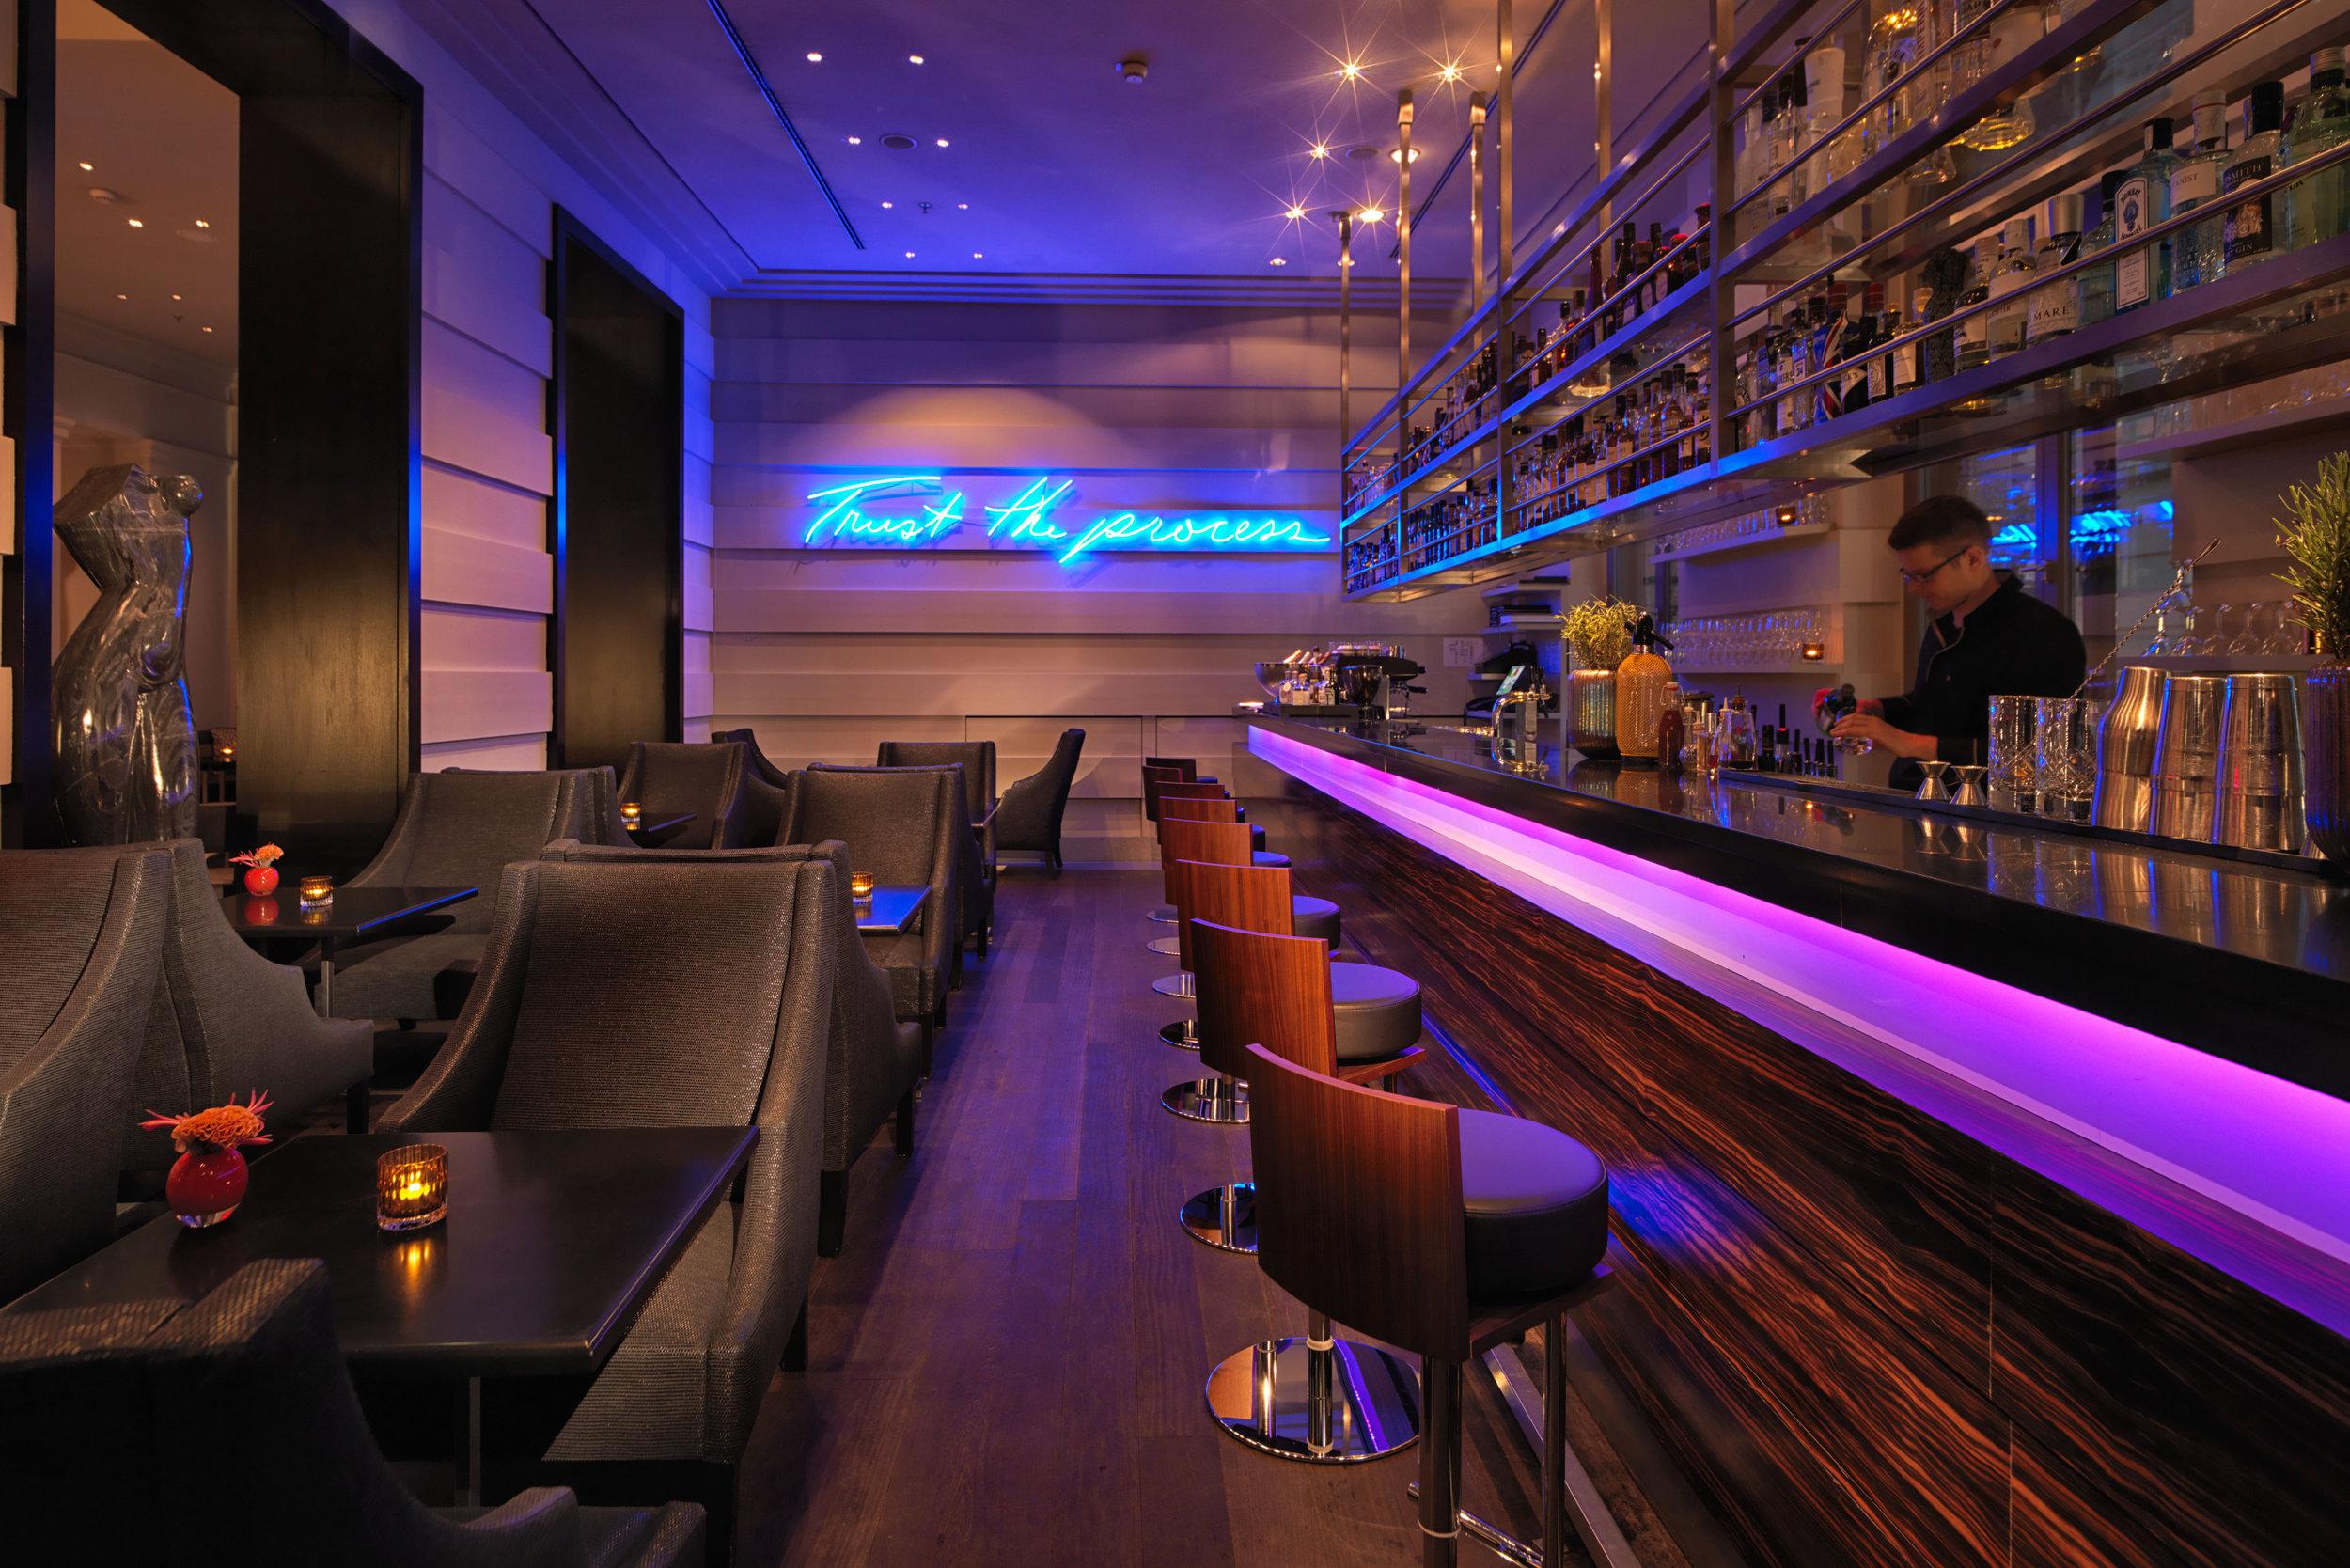 8 RFH Hotel De Rome La Banca bar 0726 AH Oct 14.jpg